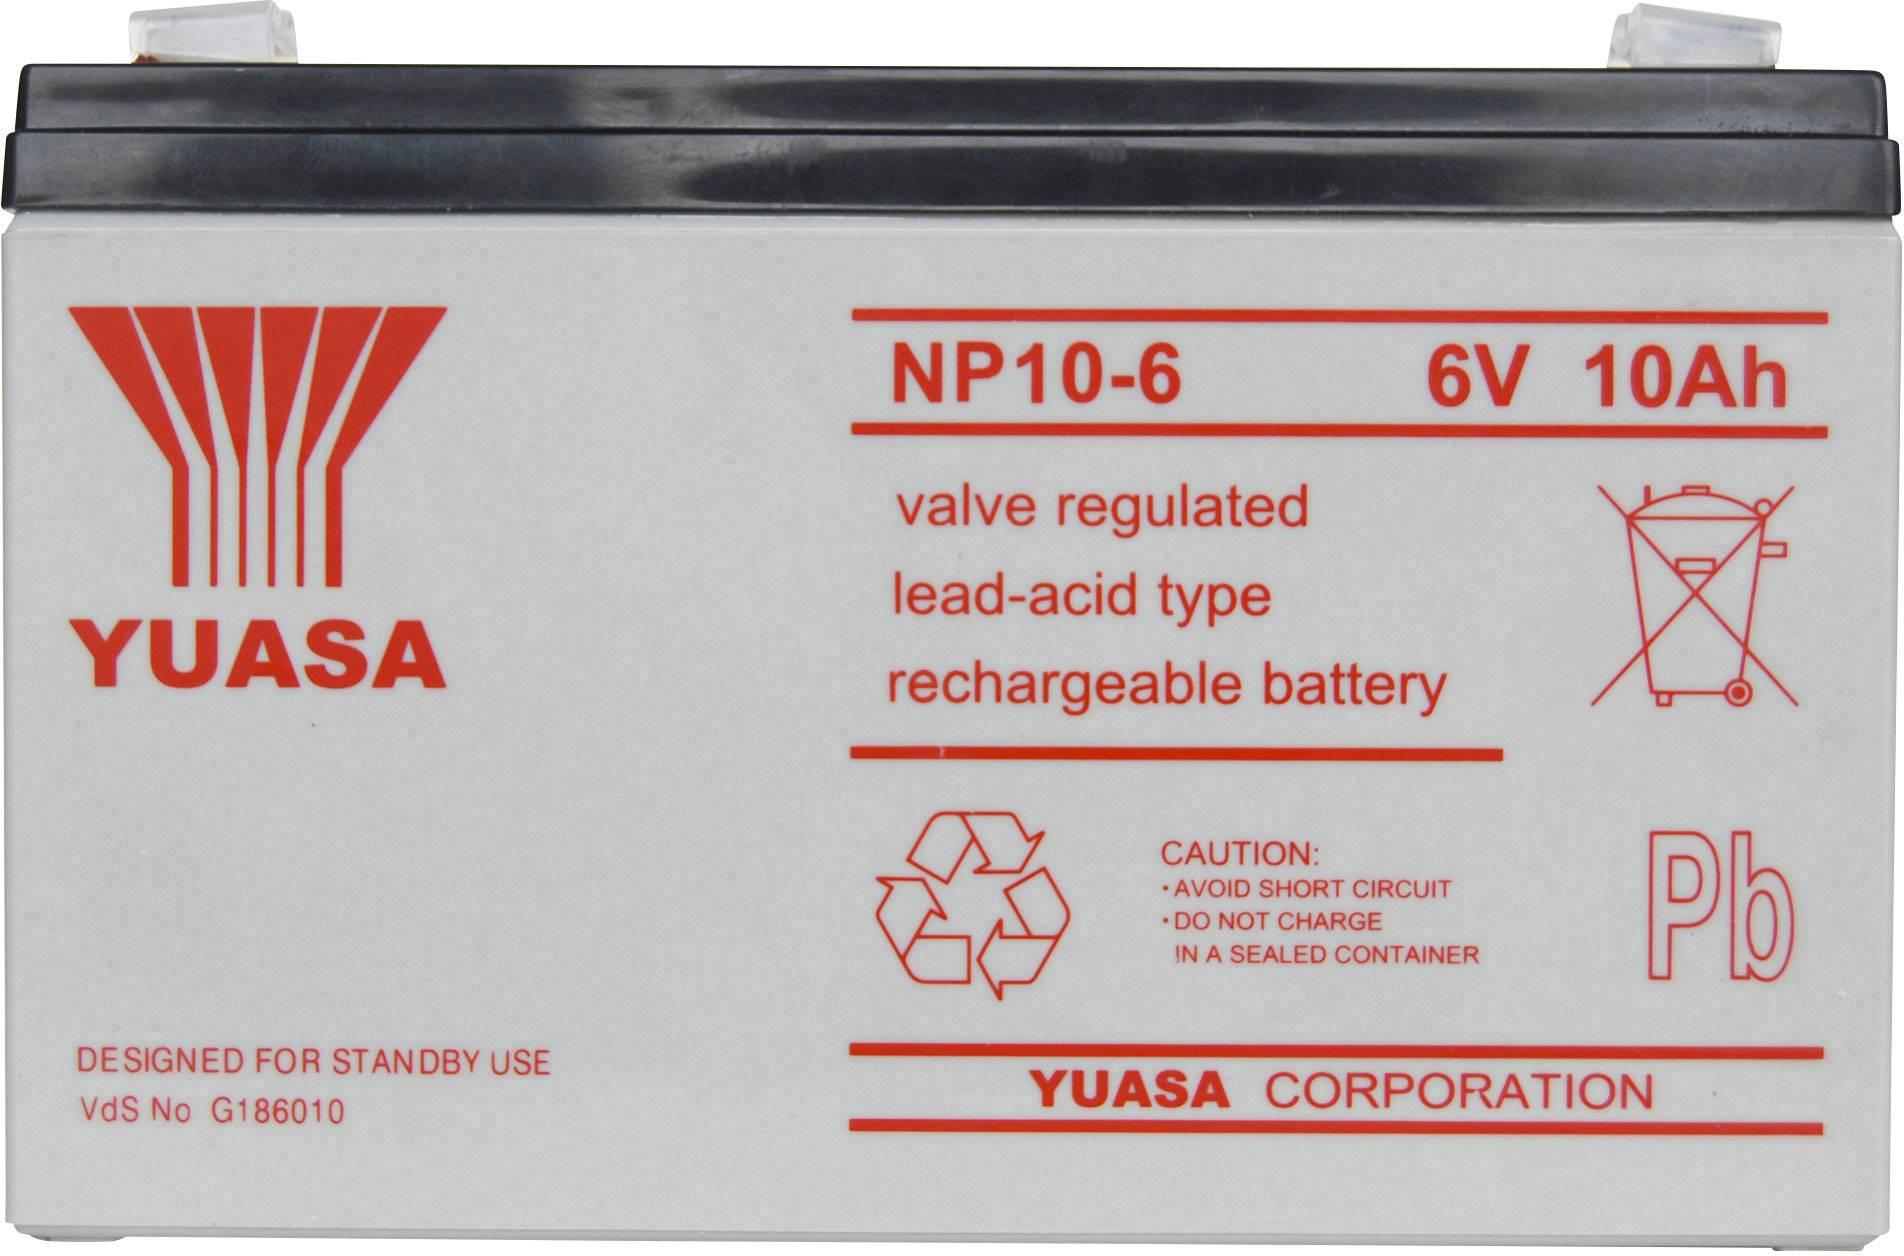 Olověný akumulátor Yuasa NP10-6 NP10/6, 10 Ah, 6 V